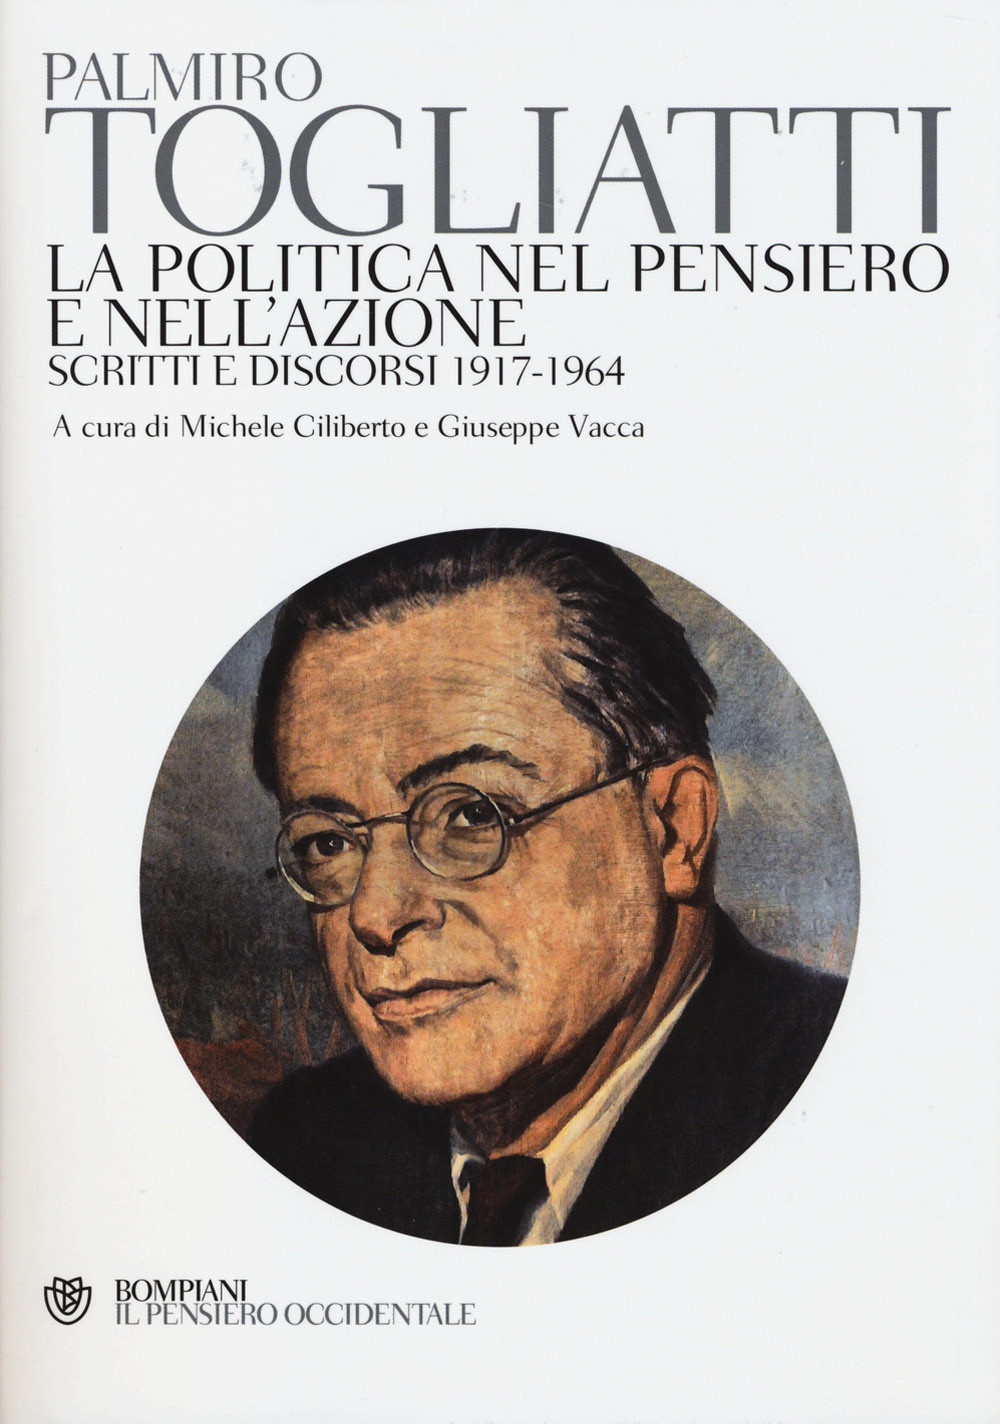 La politica nel pensiero e nell'azione. Scritti e discorsi 1917-1964